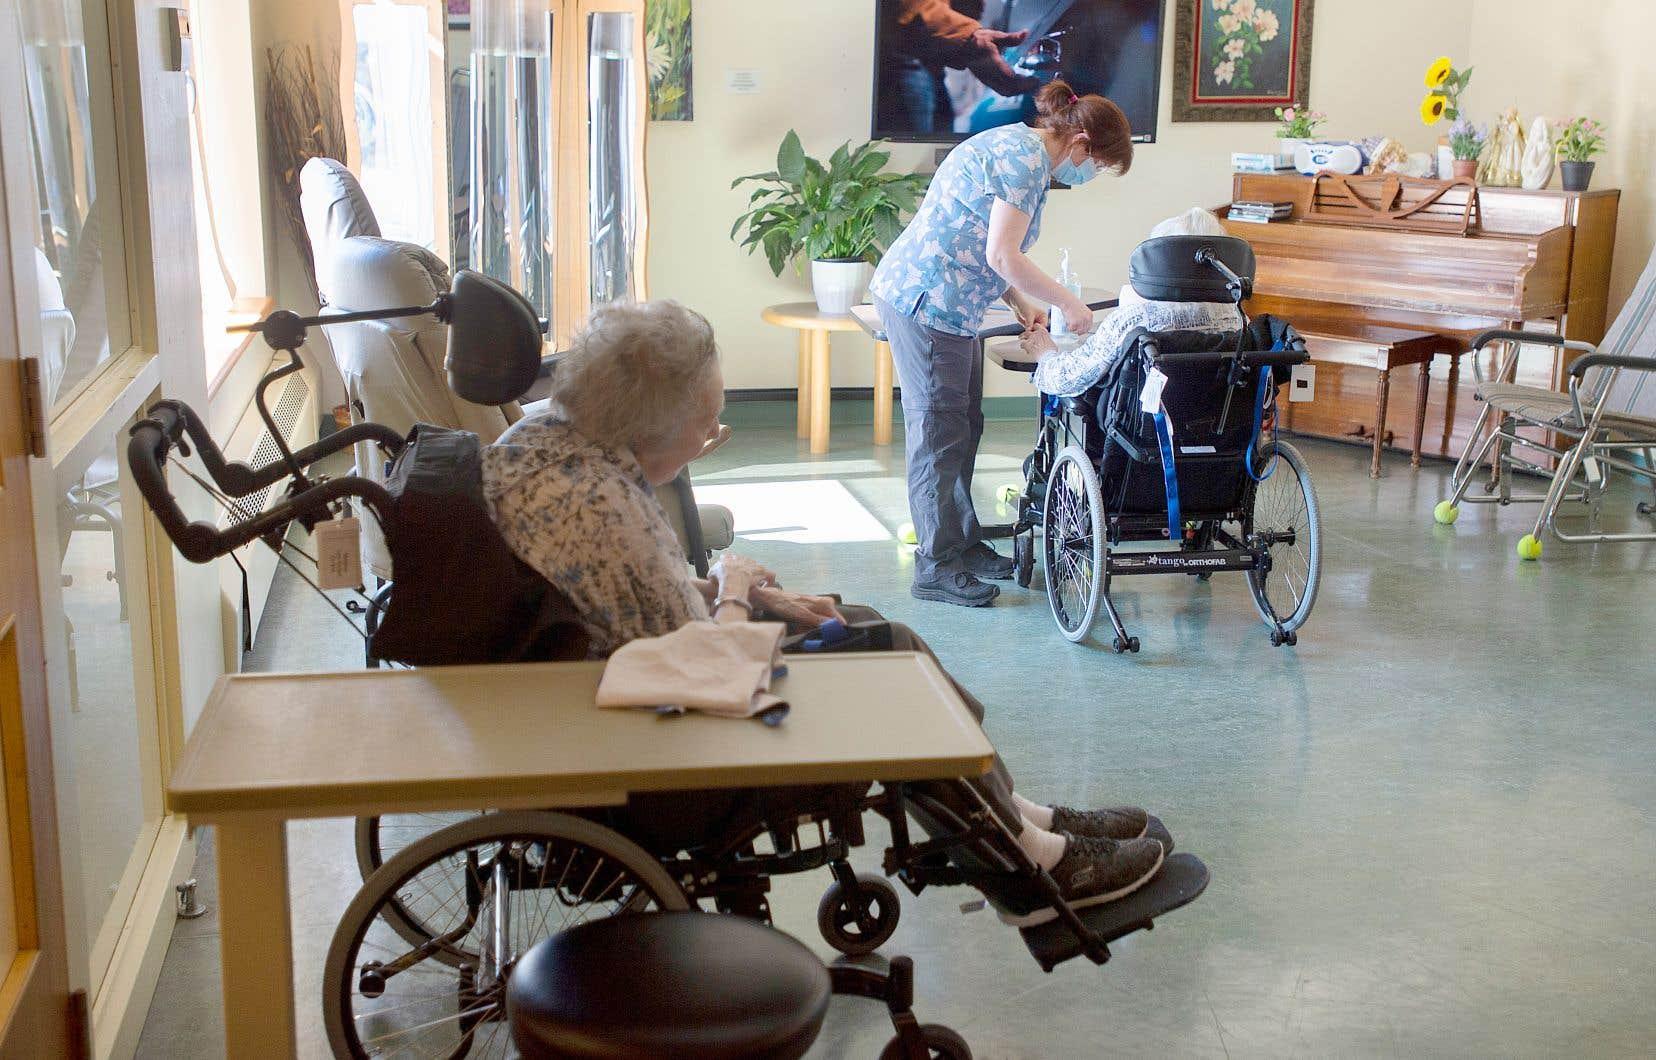 Les gouvernements devraient investir 13,7milliards pour en finir avec les listes d'attente, bonifier le salaire et les avantages sociaux du personnel, augmenter le nombre d'heures de soins par jour aux résidents et élargir les soins à domicile.